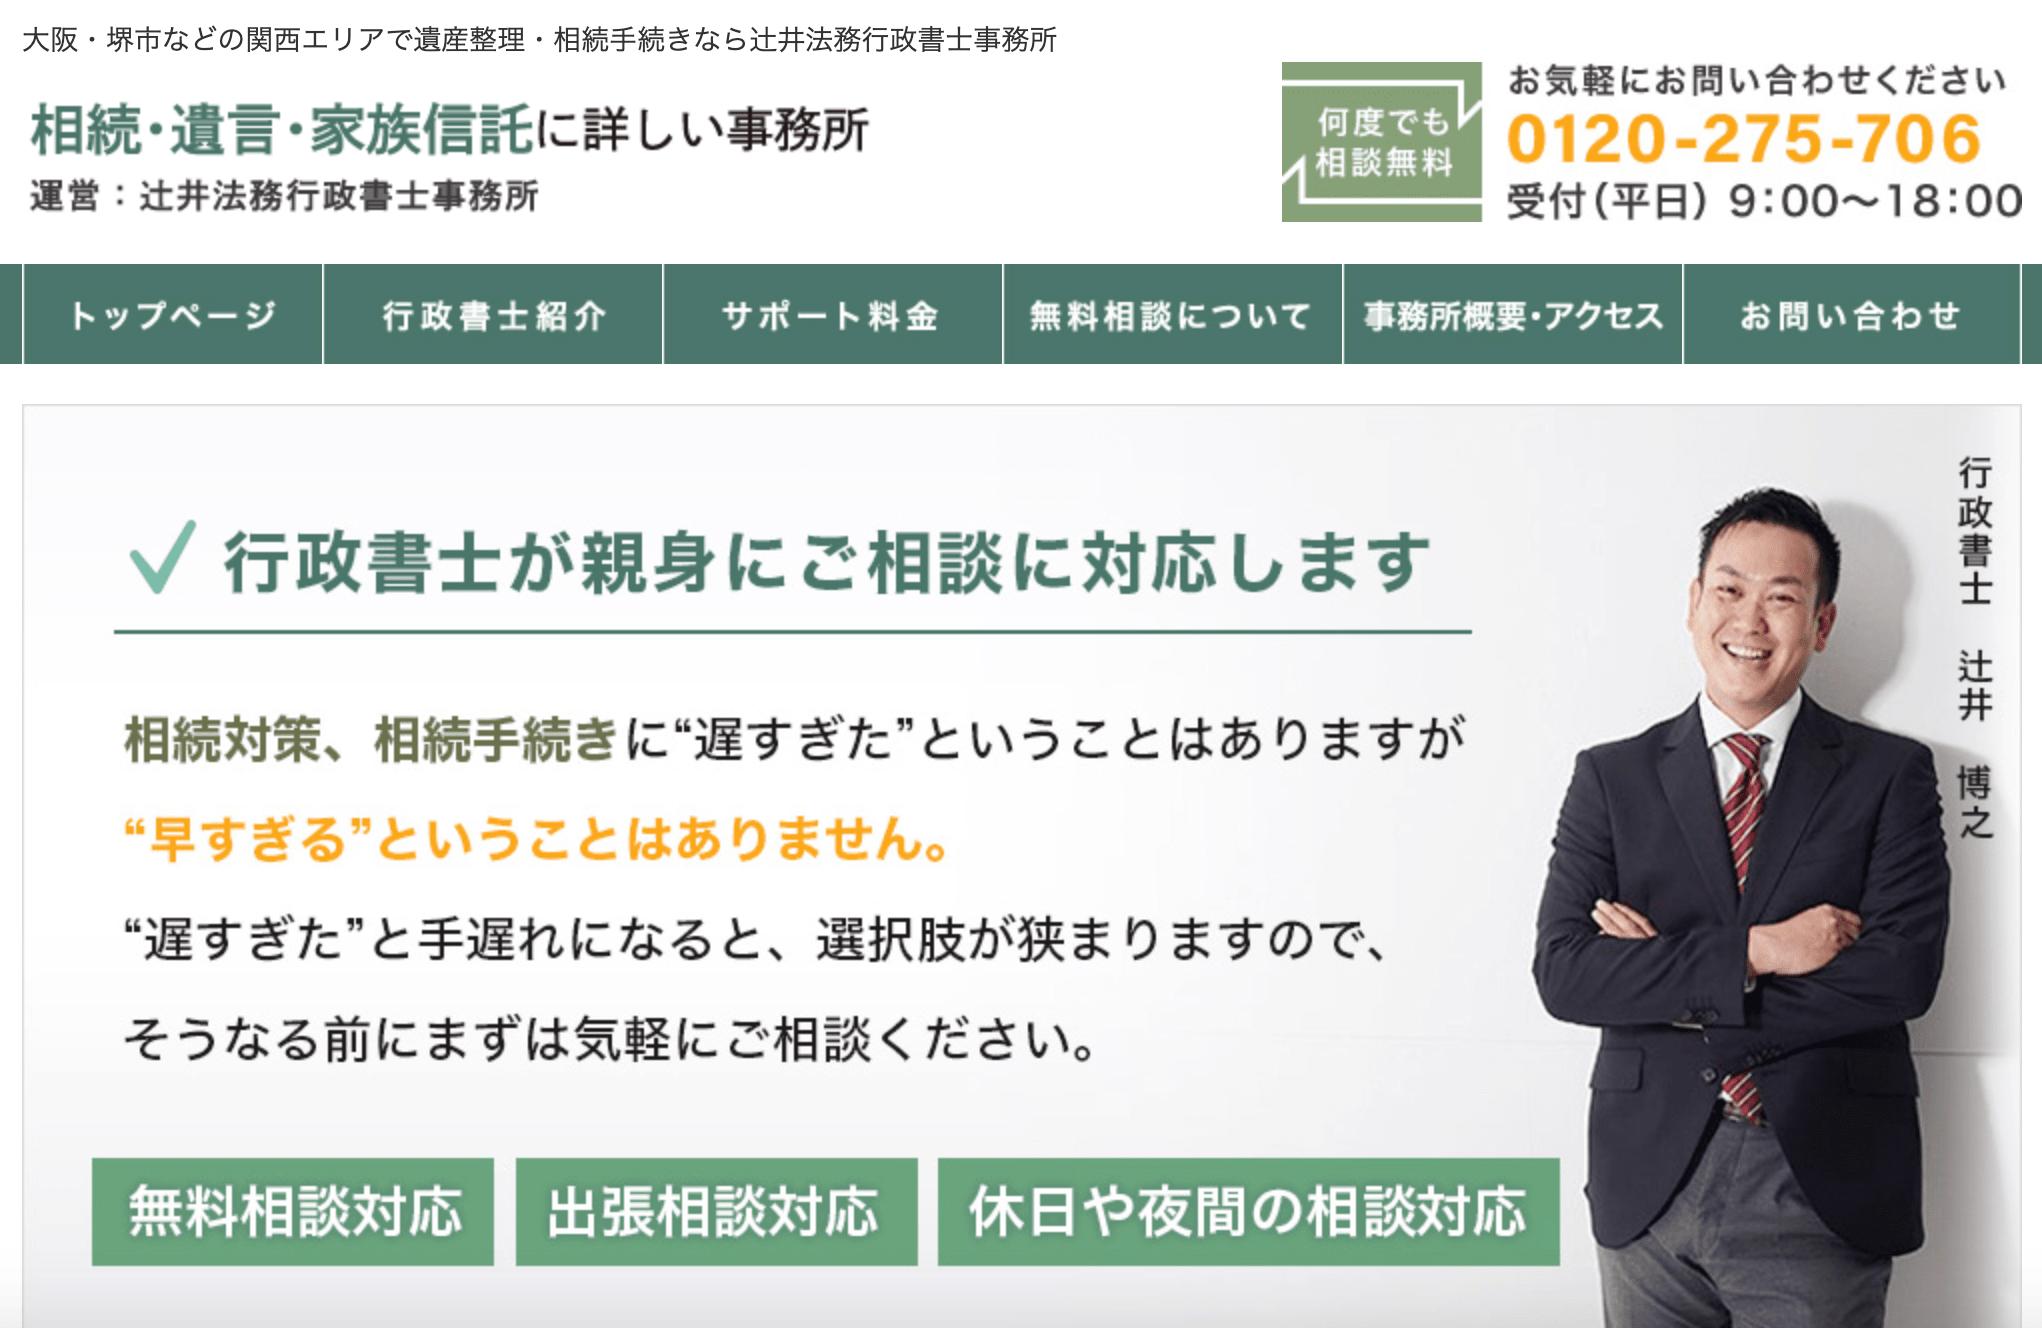 辻井法務行政書士事務所